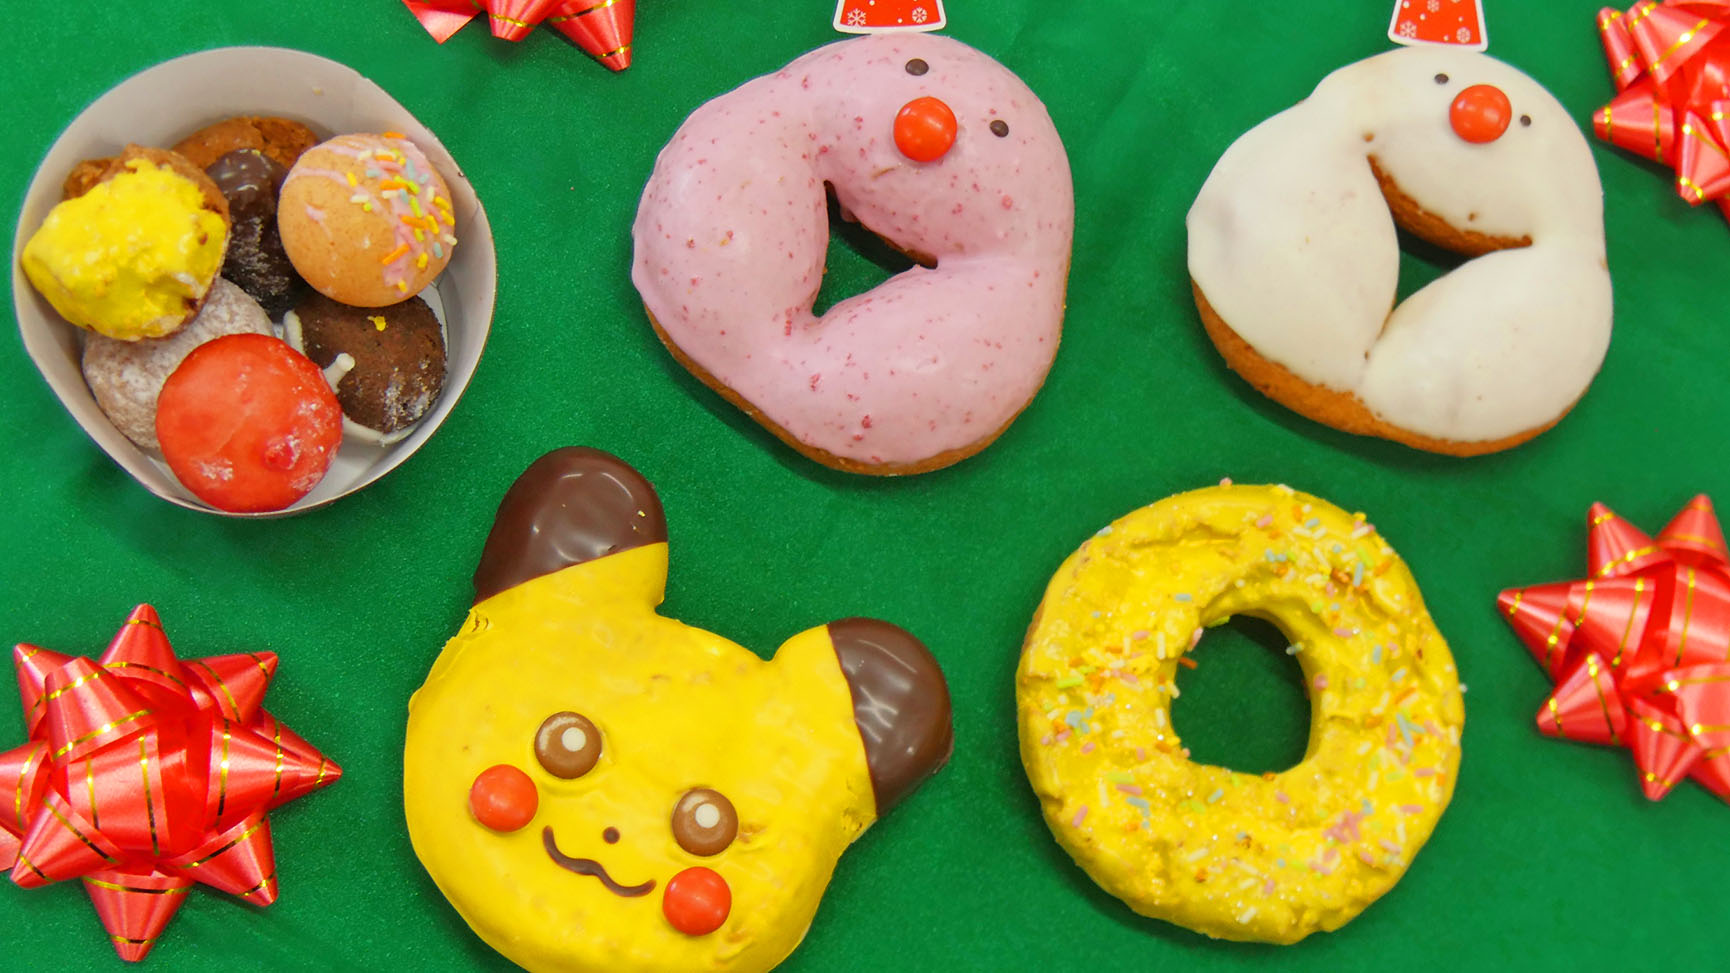 クリスマスはミスドでポケモンGETだぜ!限定ドーナツを探しにいこう!